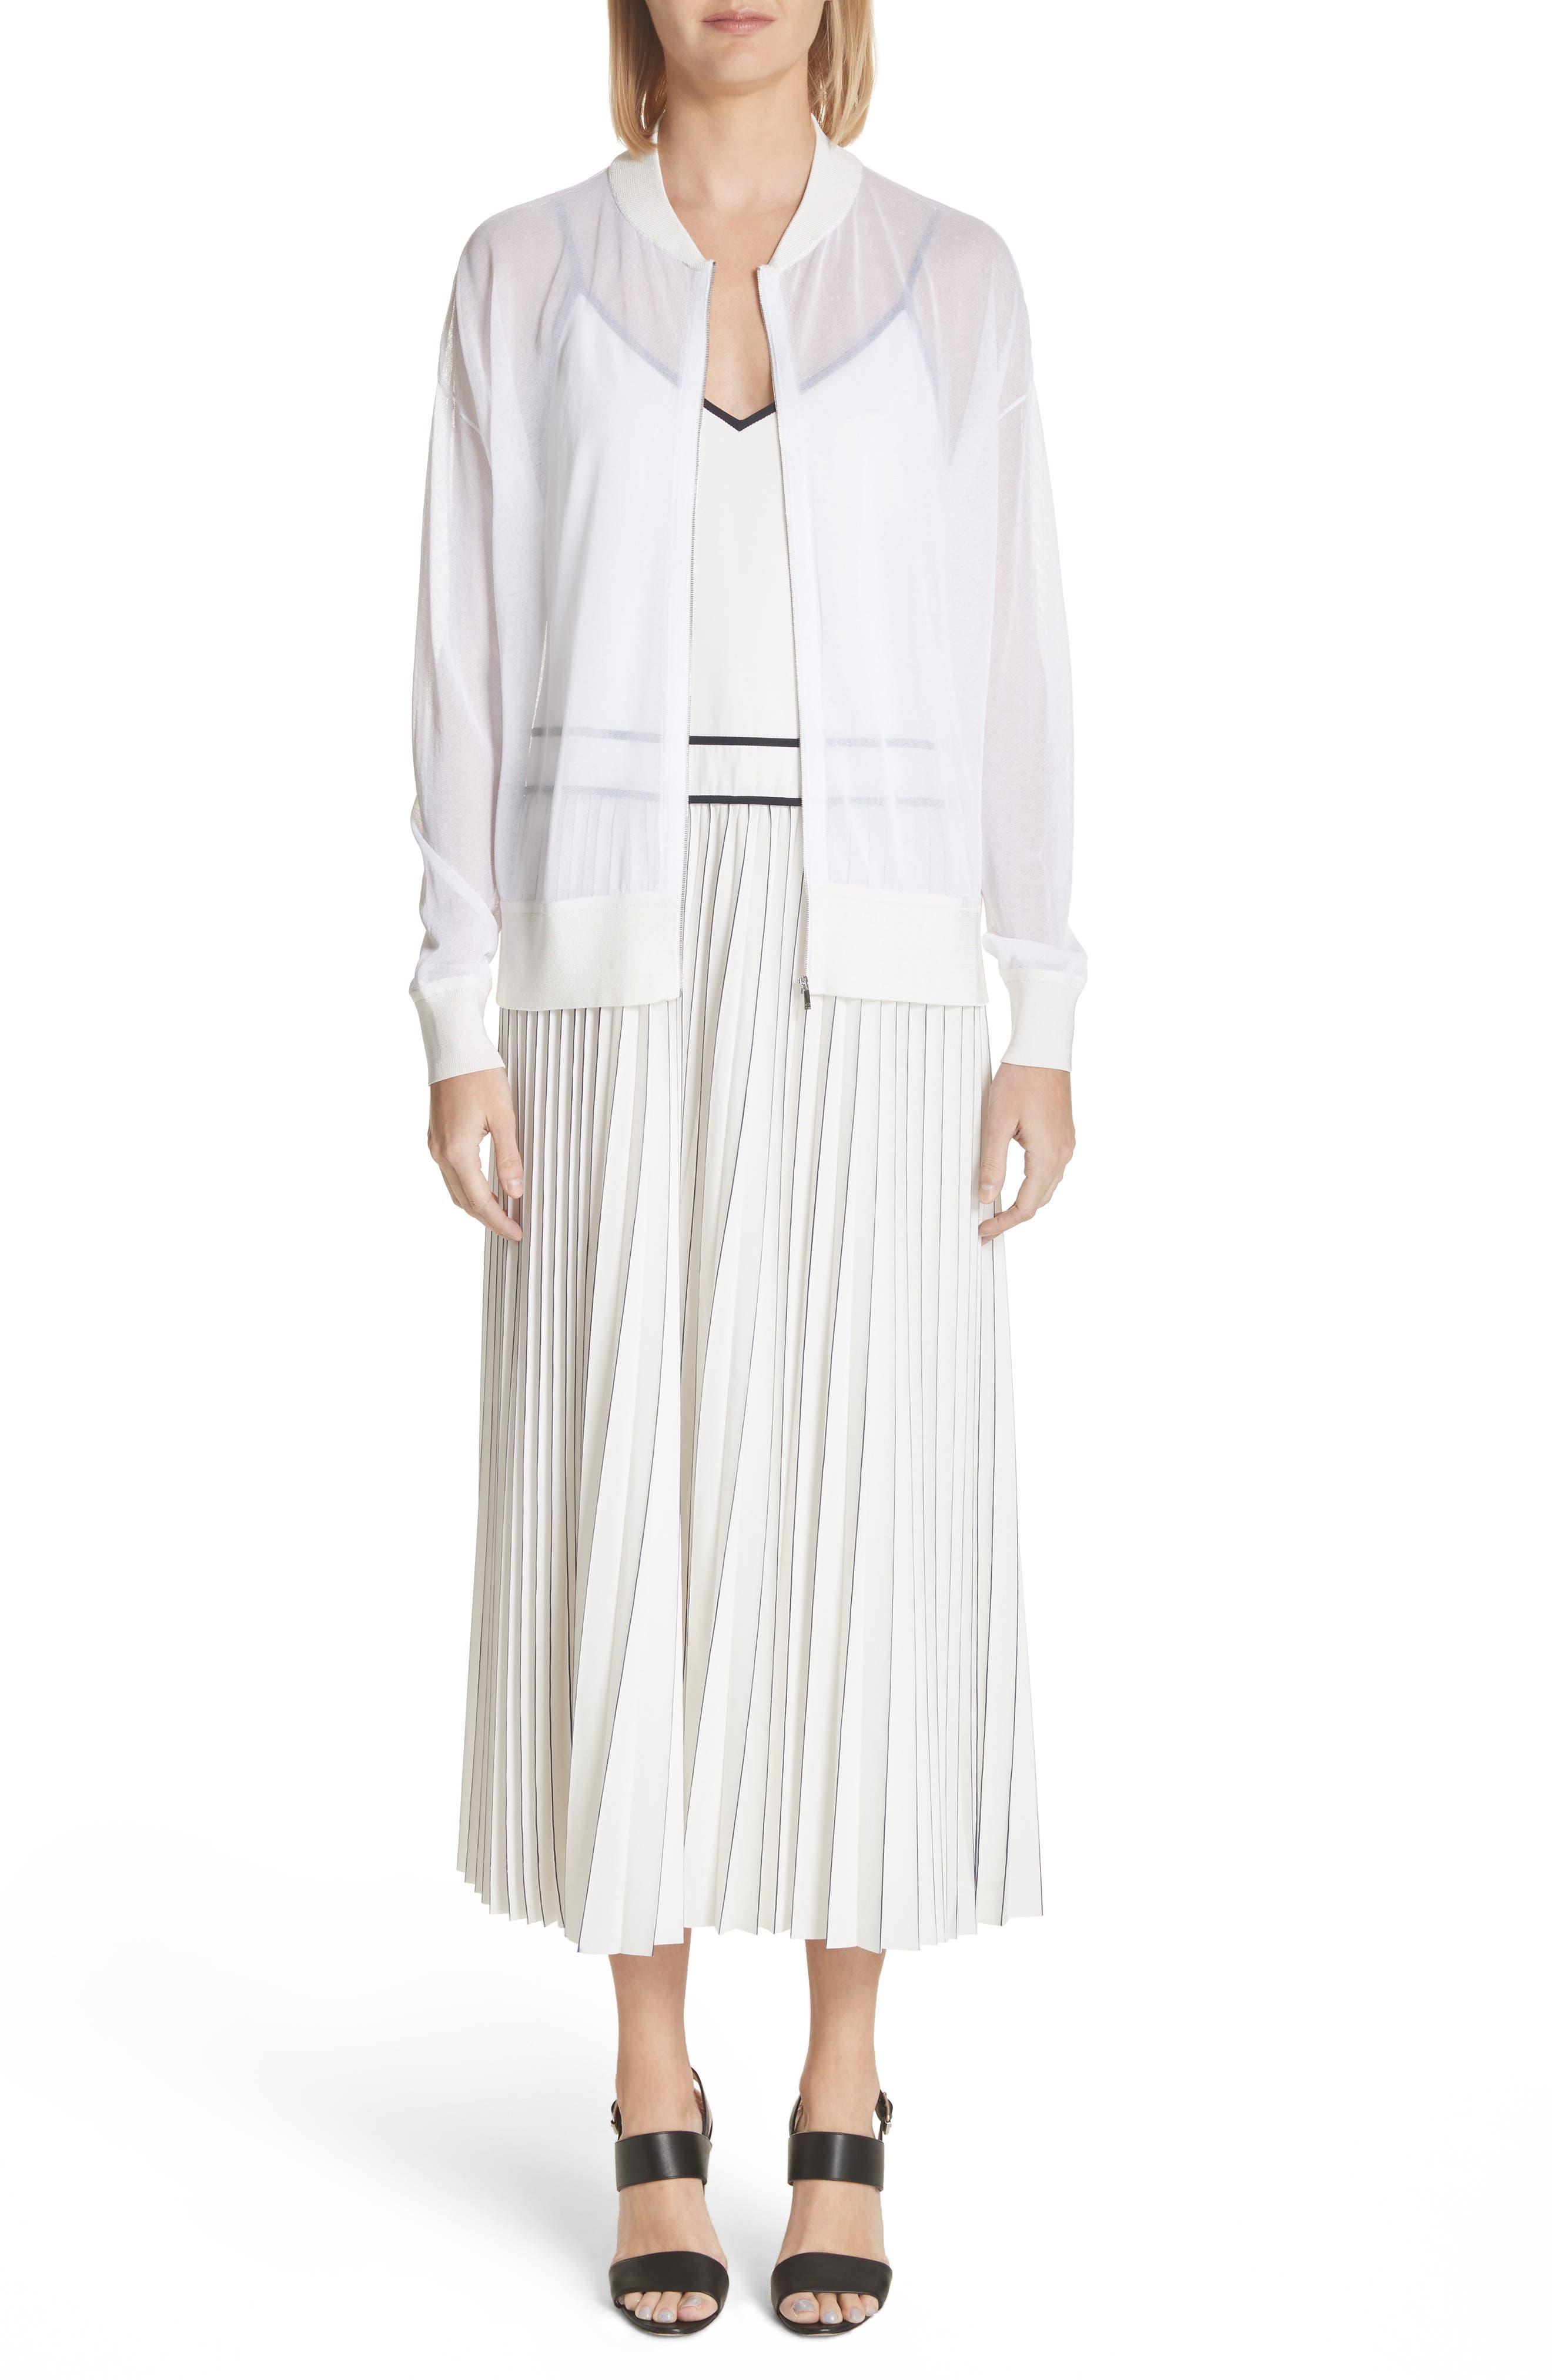 Silk Pleated Skirt Midi Dress,                             Alternate thumbnail 8, color,                             Cloud Multi